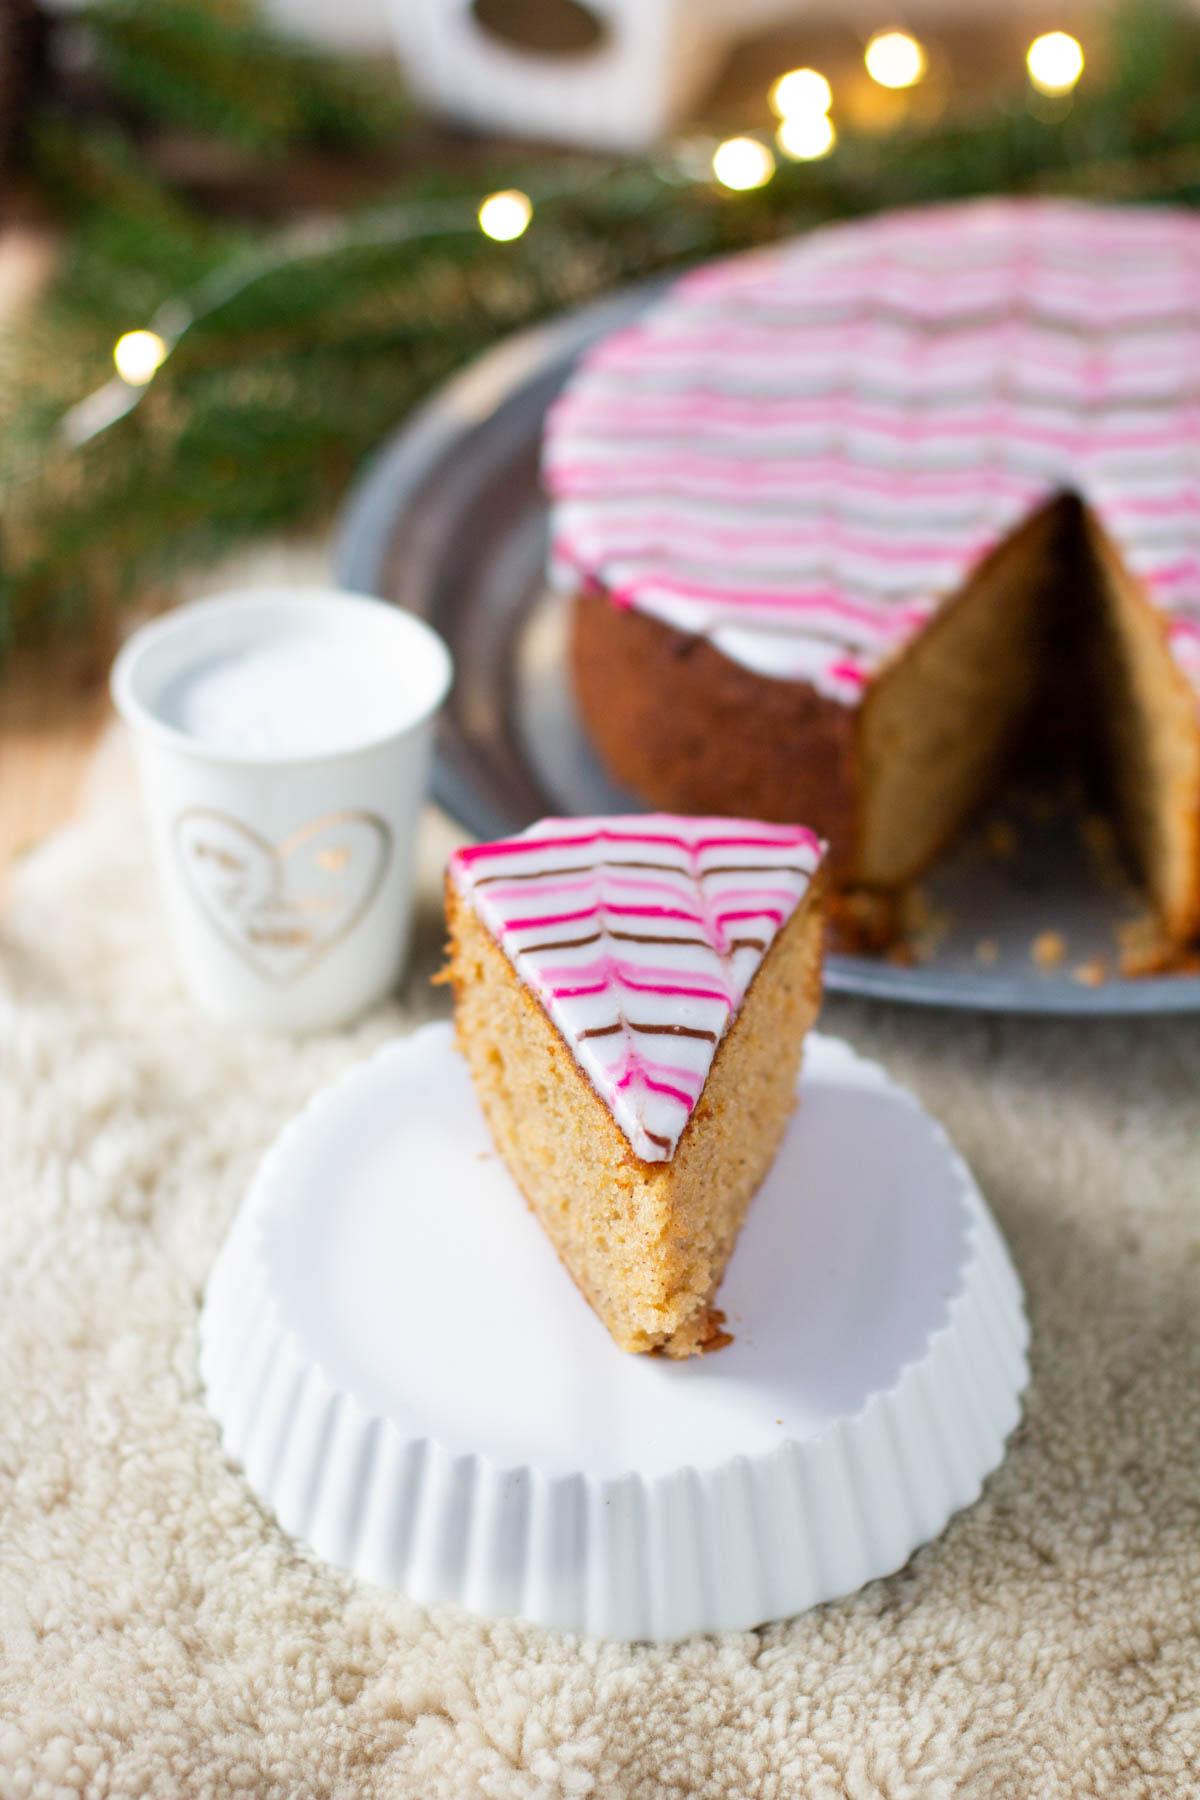 Leikattu kakkupala kardemumman makuisesta kuivakakusta